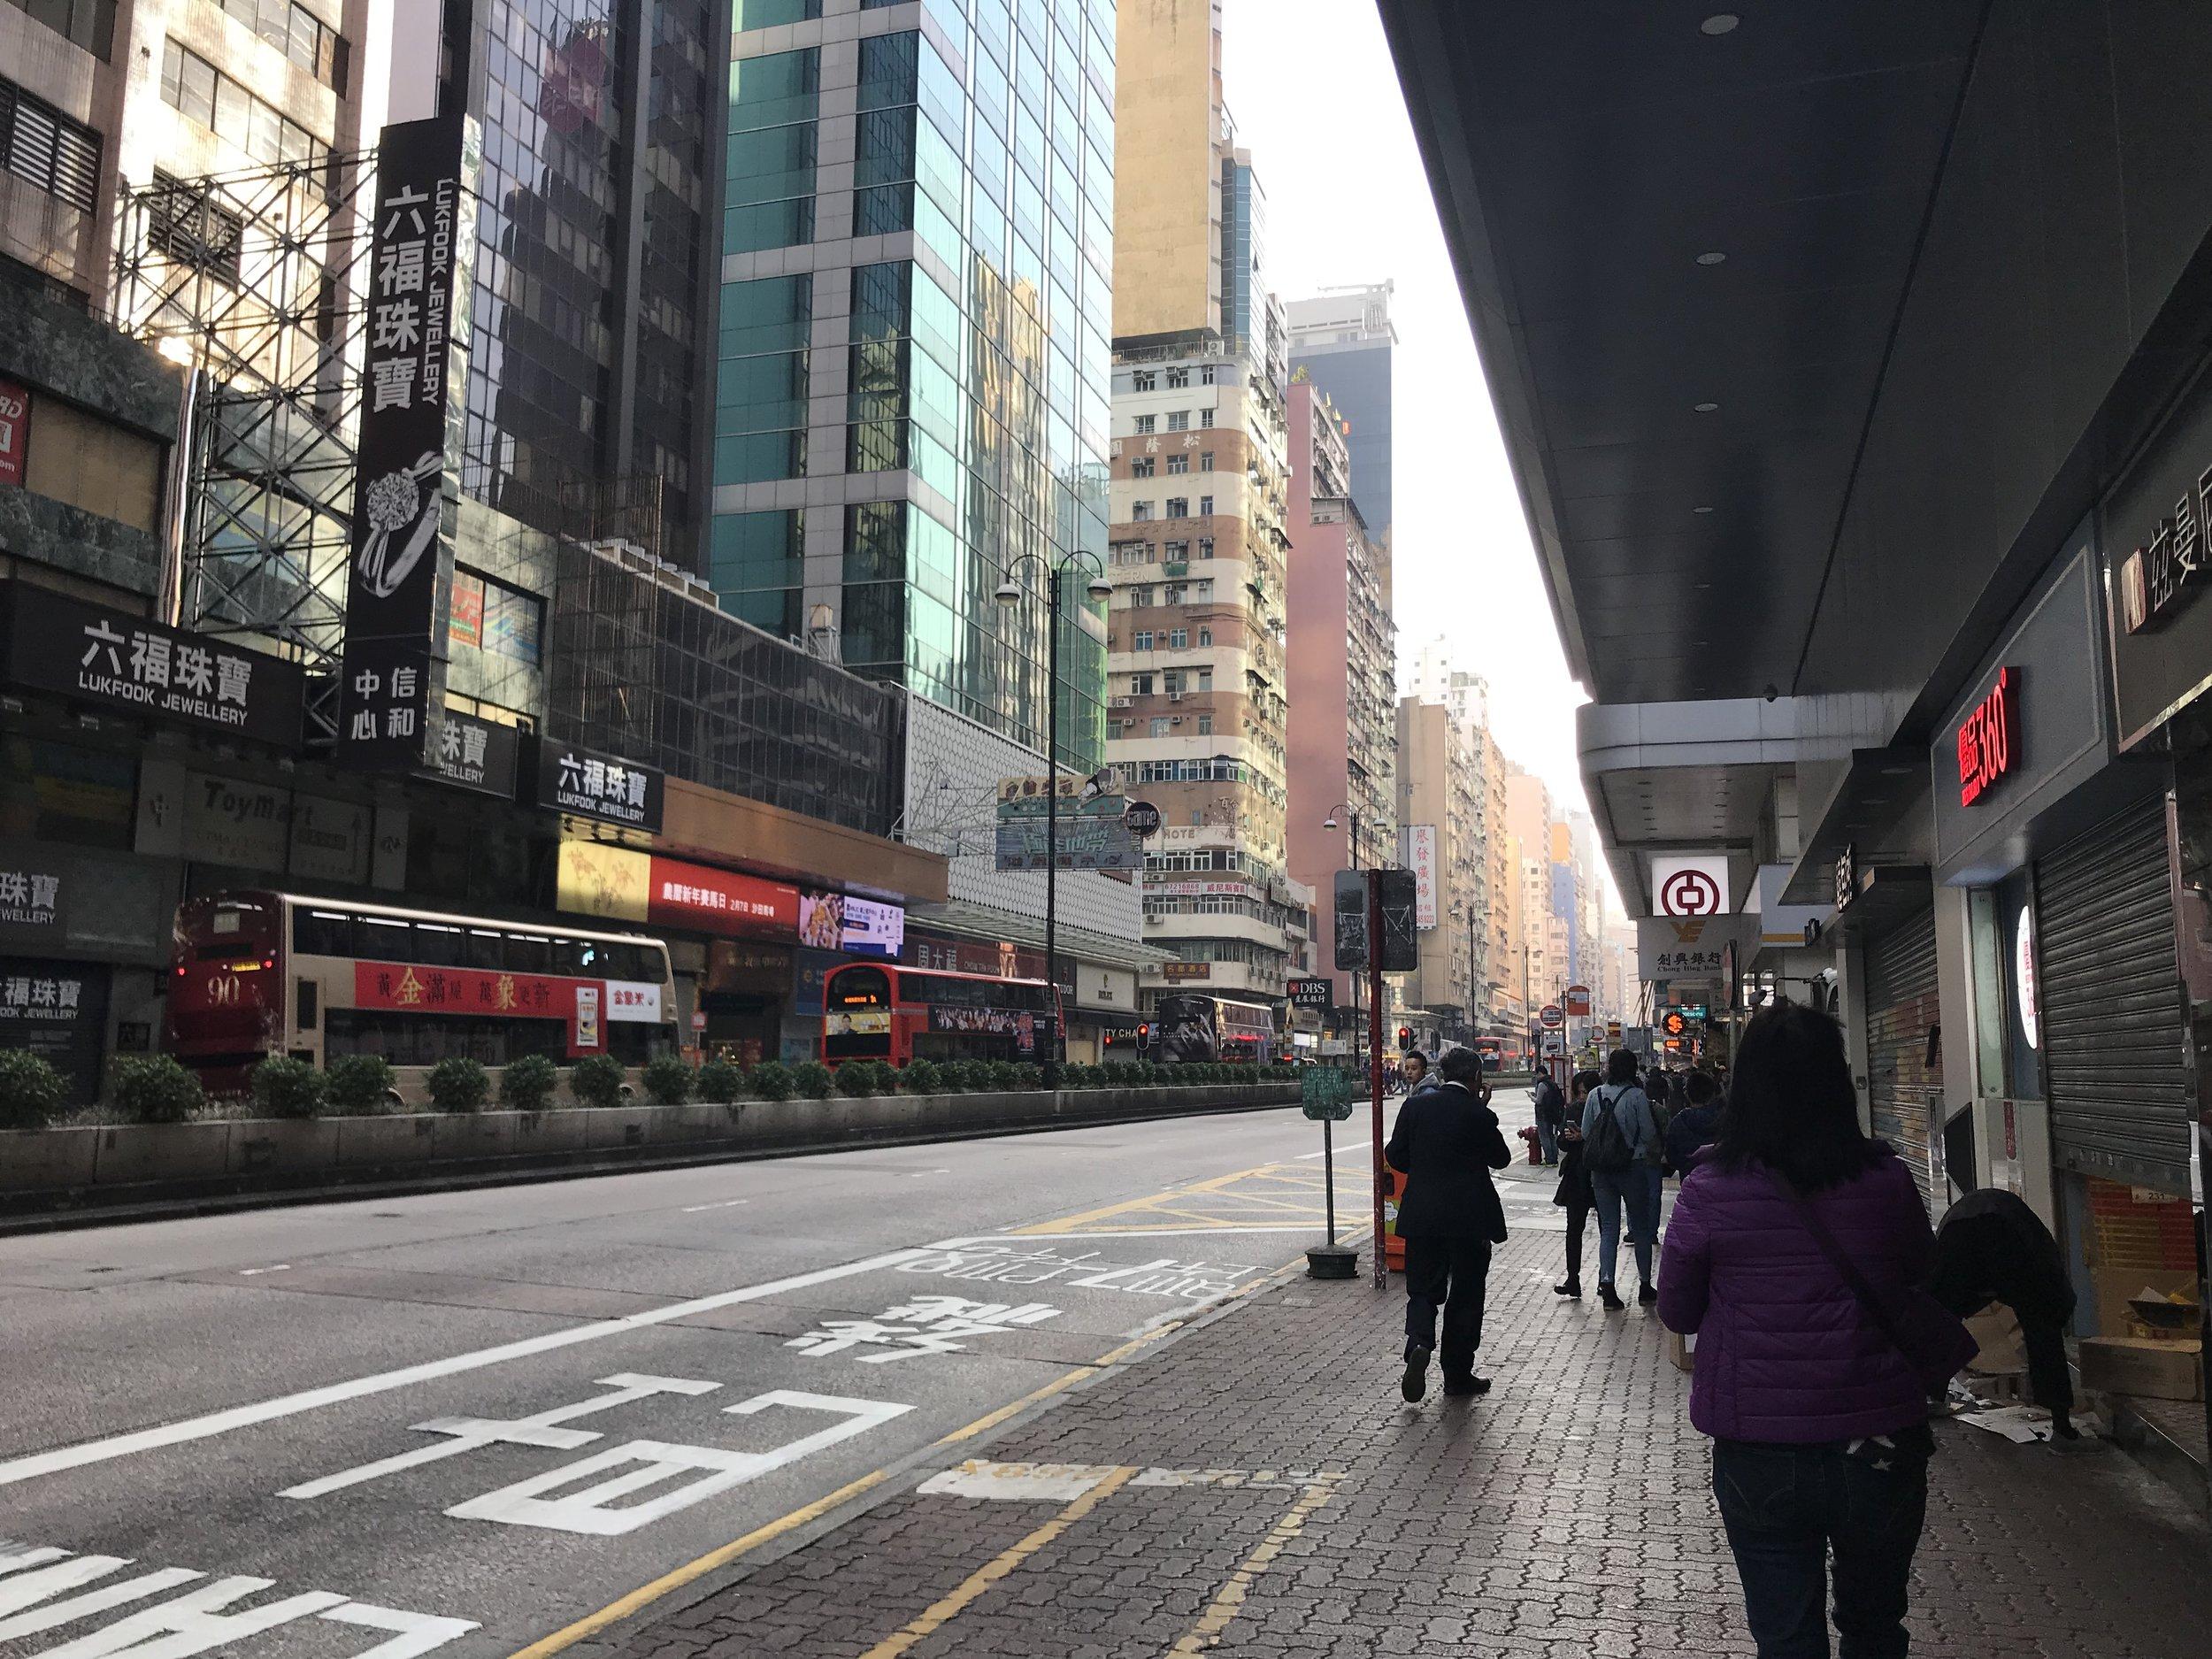 Quang cảnh ban ngày. Một mặt tiền thương mại tại Kowloon.